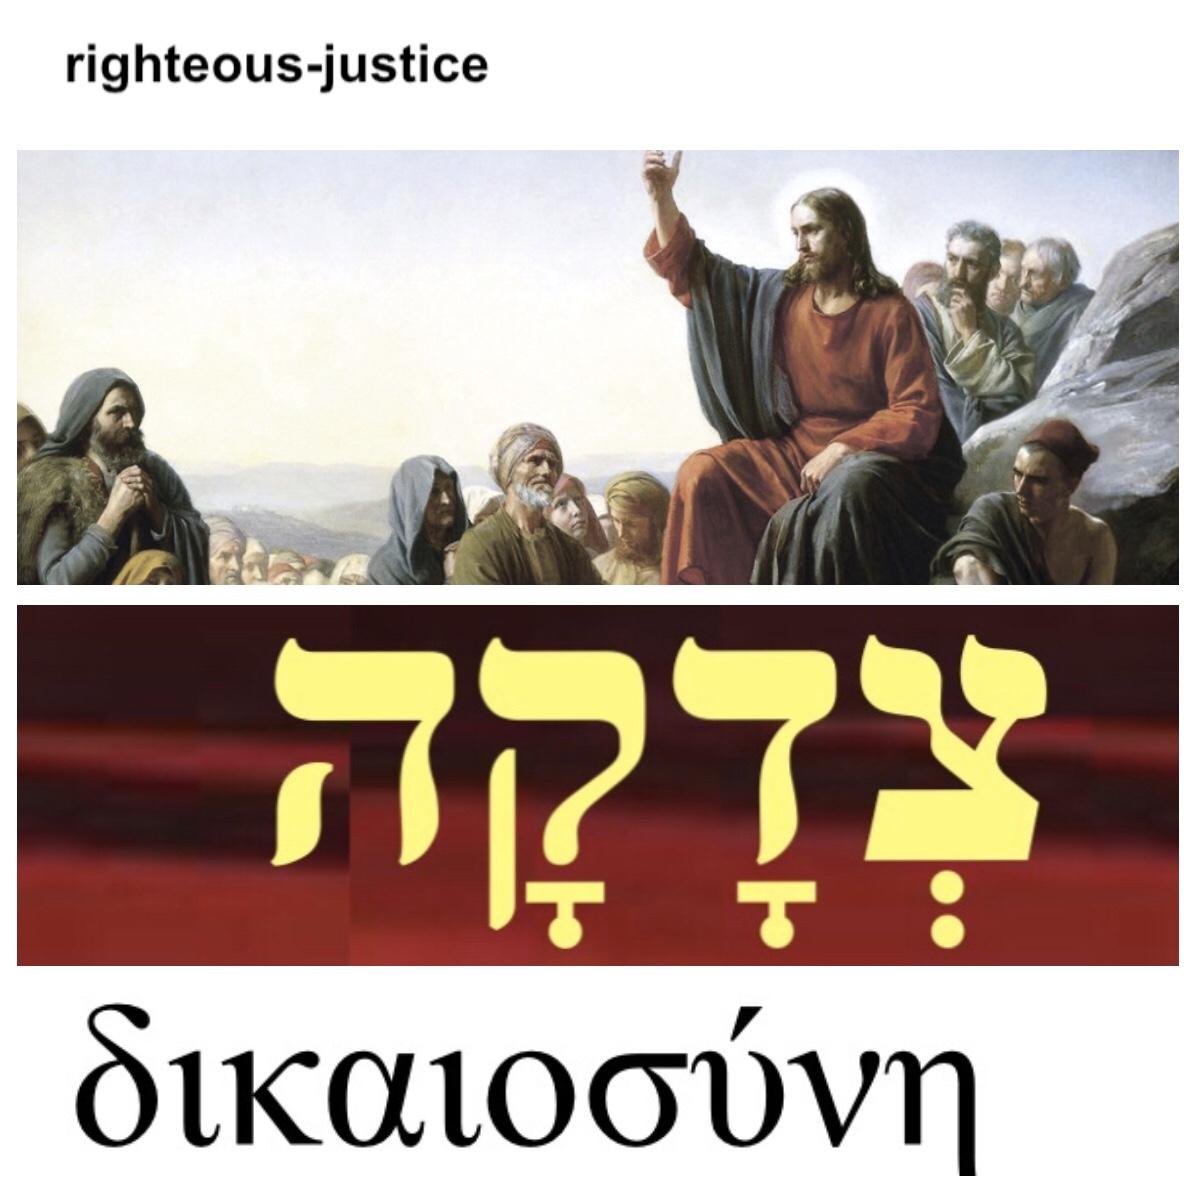 An excess of righteous-justice (Matt5)